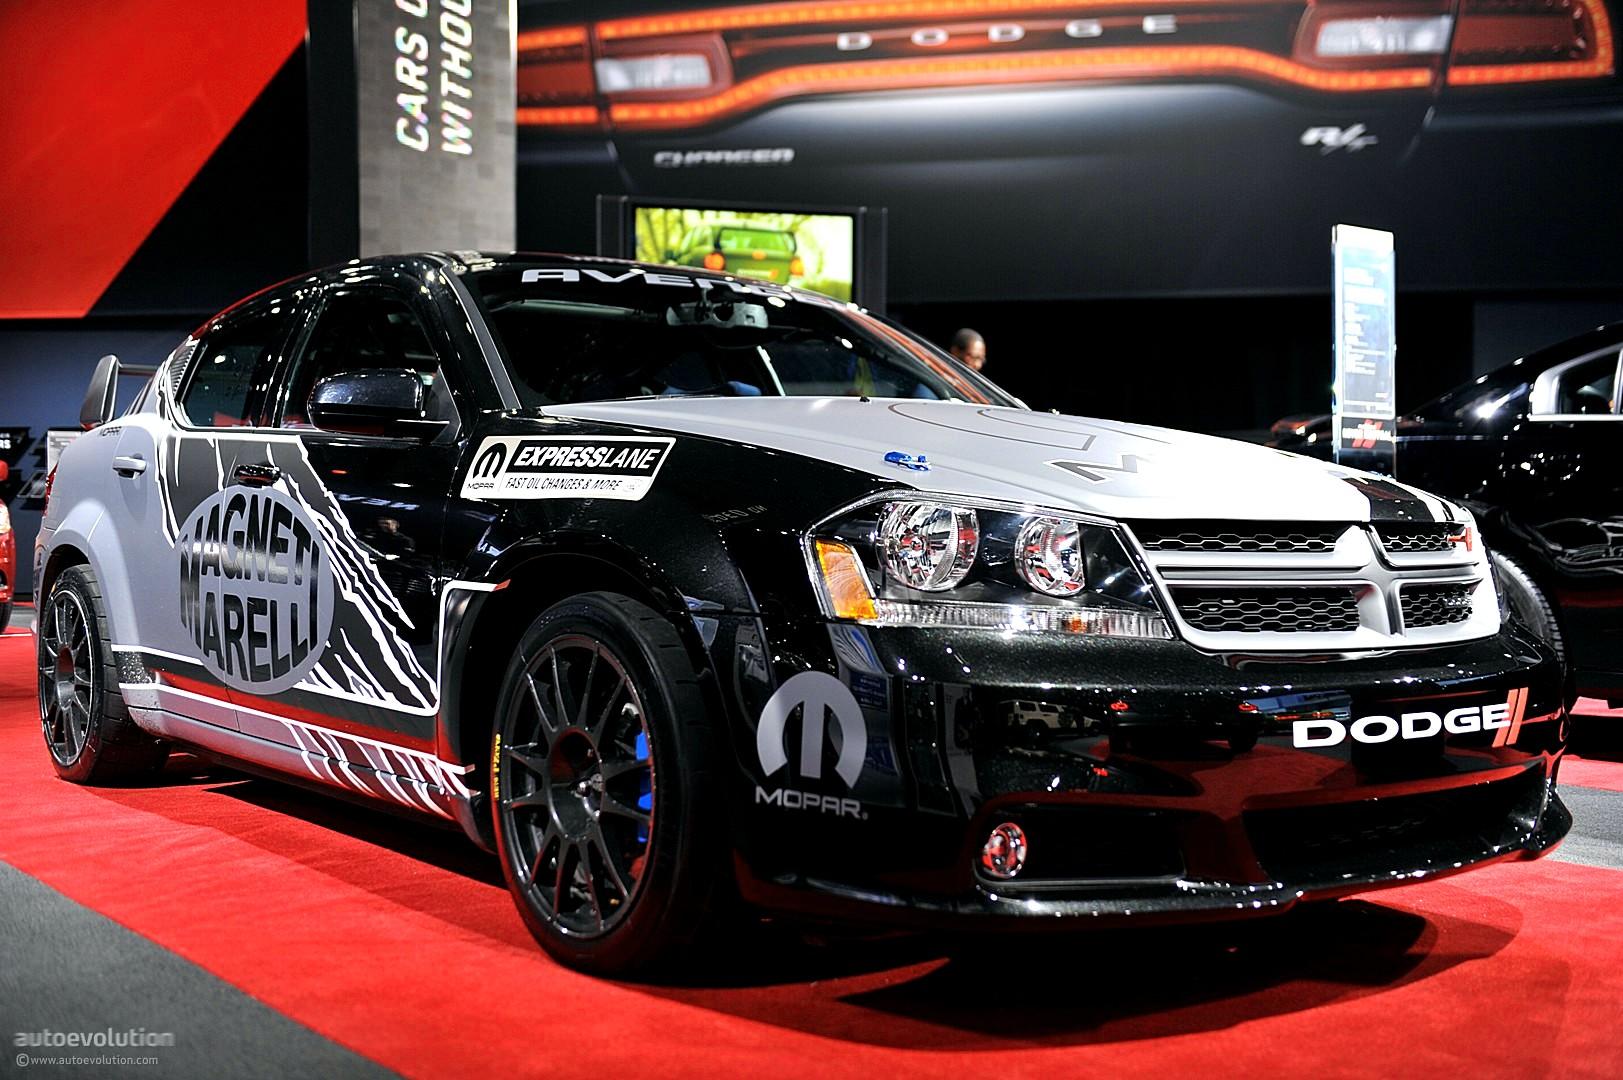 Nyias 2011 Mopar Dodge Avenger Rally Car Live Photos Autoevolution Wiring Diagrams